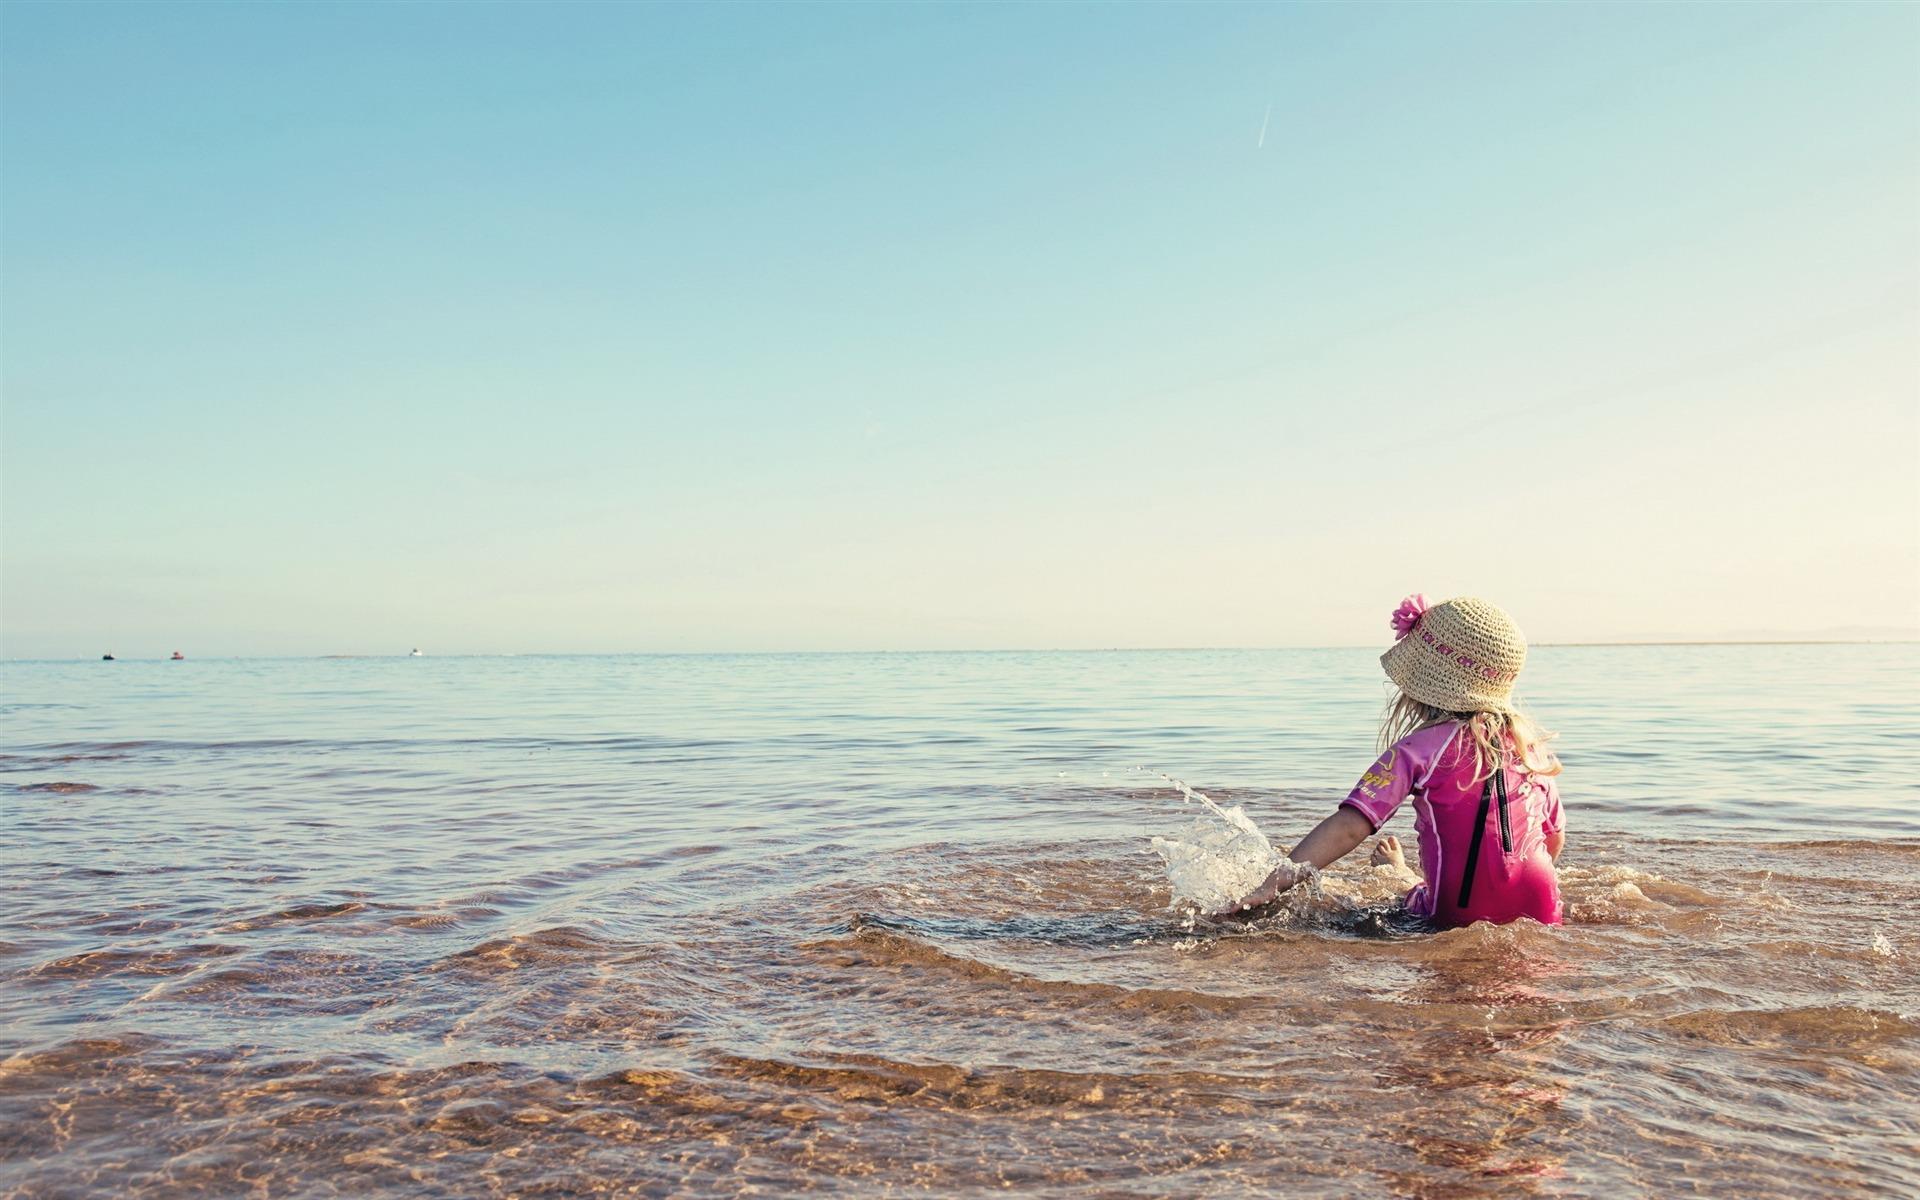 浜辺を再生少女 可愛い写真のhd壁紙プレビュー 10wallpaper Com